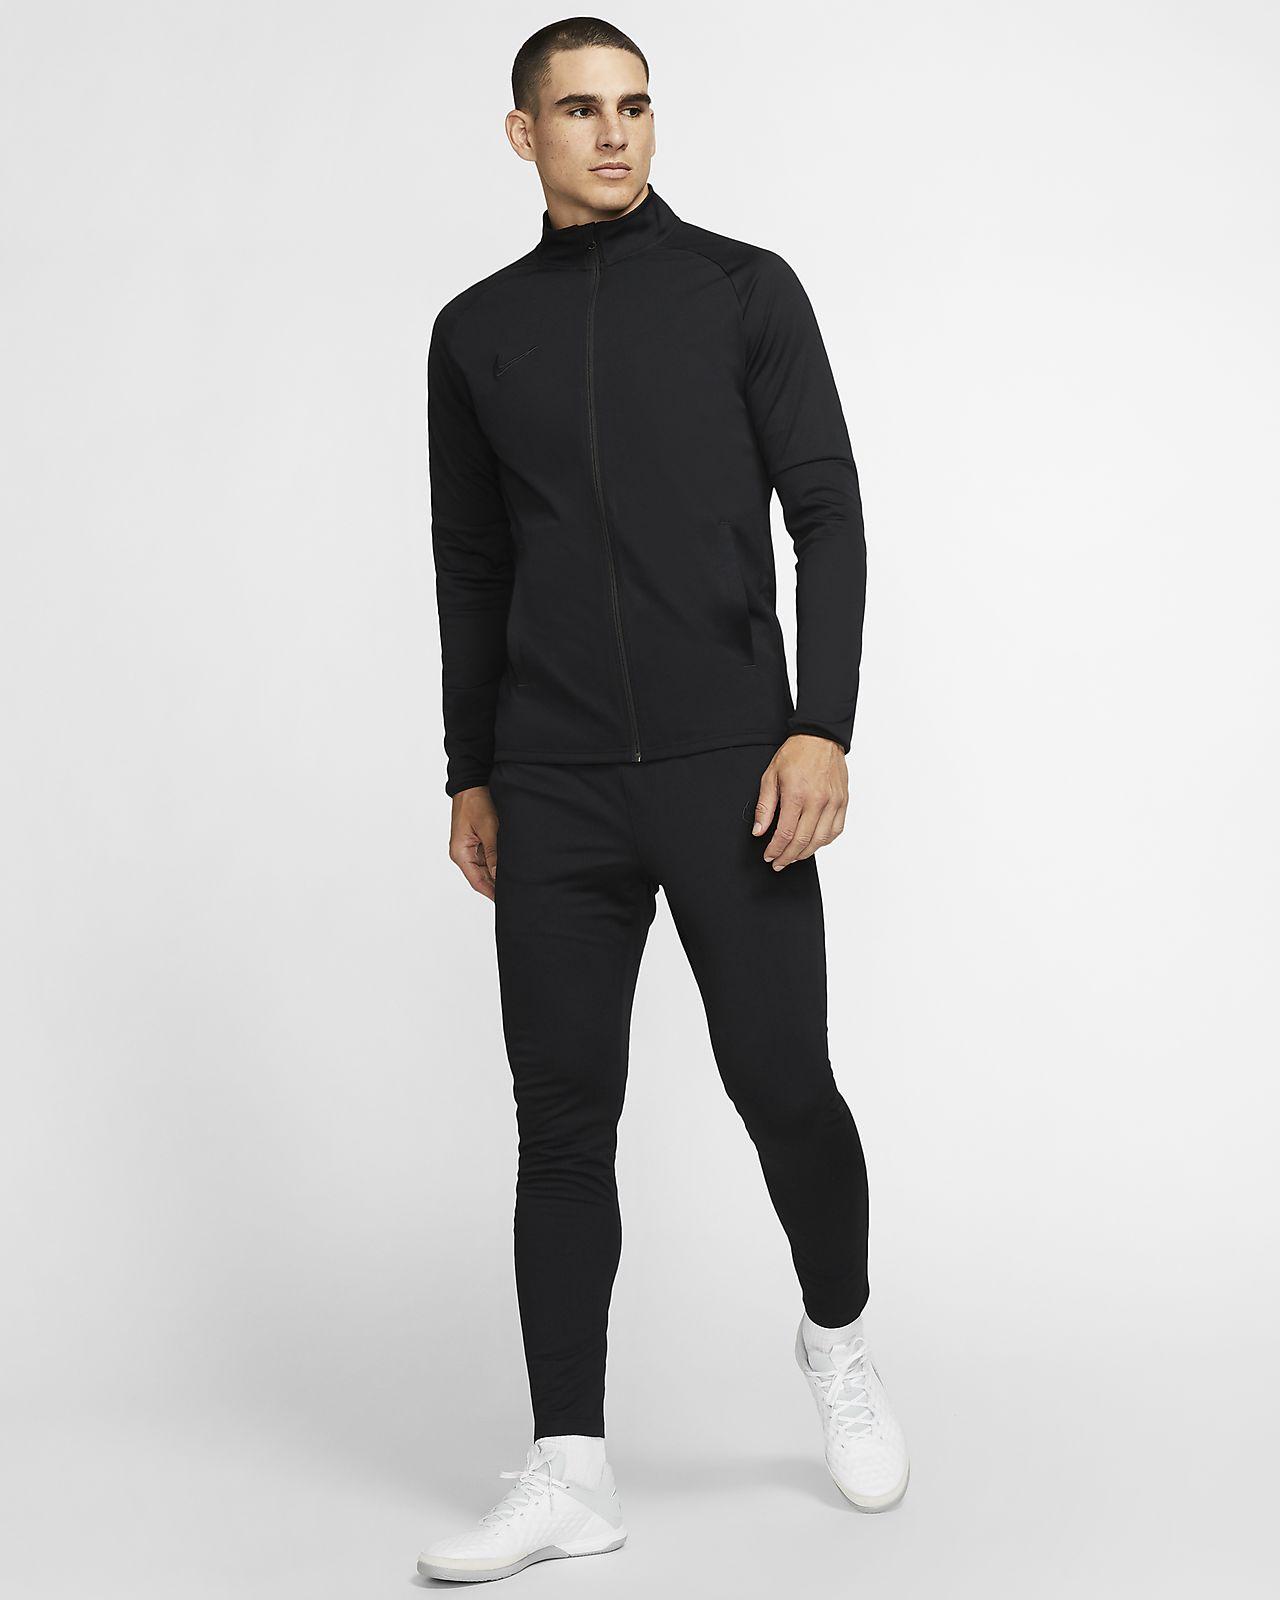 Fotbollstracksuit Nike Dri-FIT Academy för män